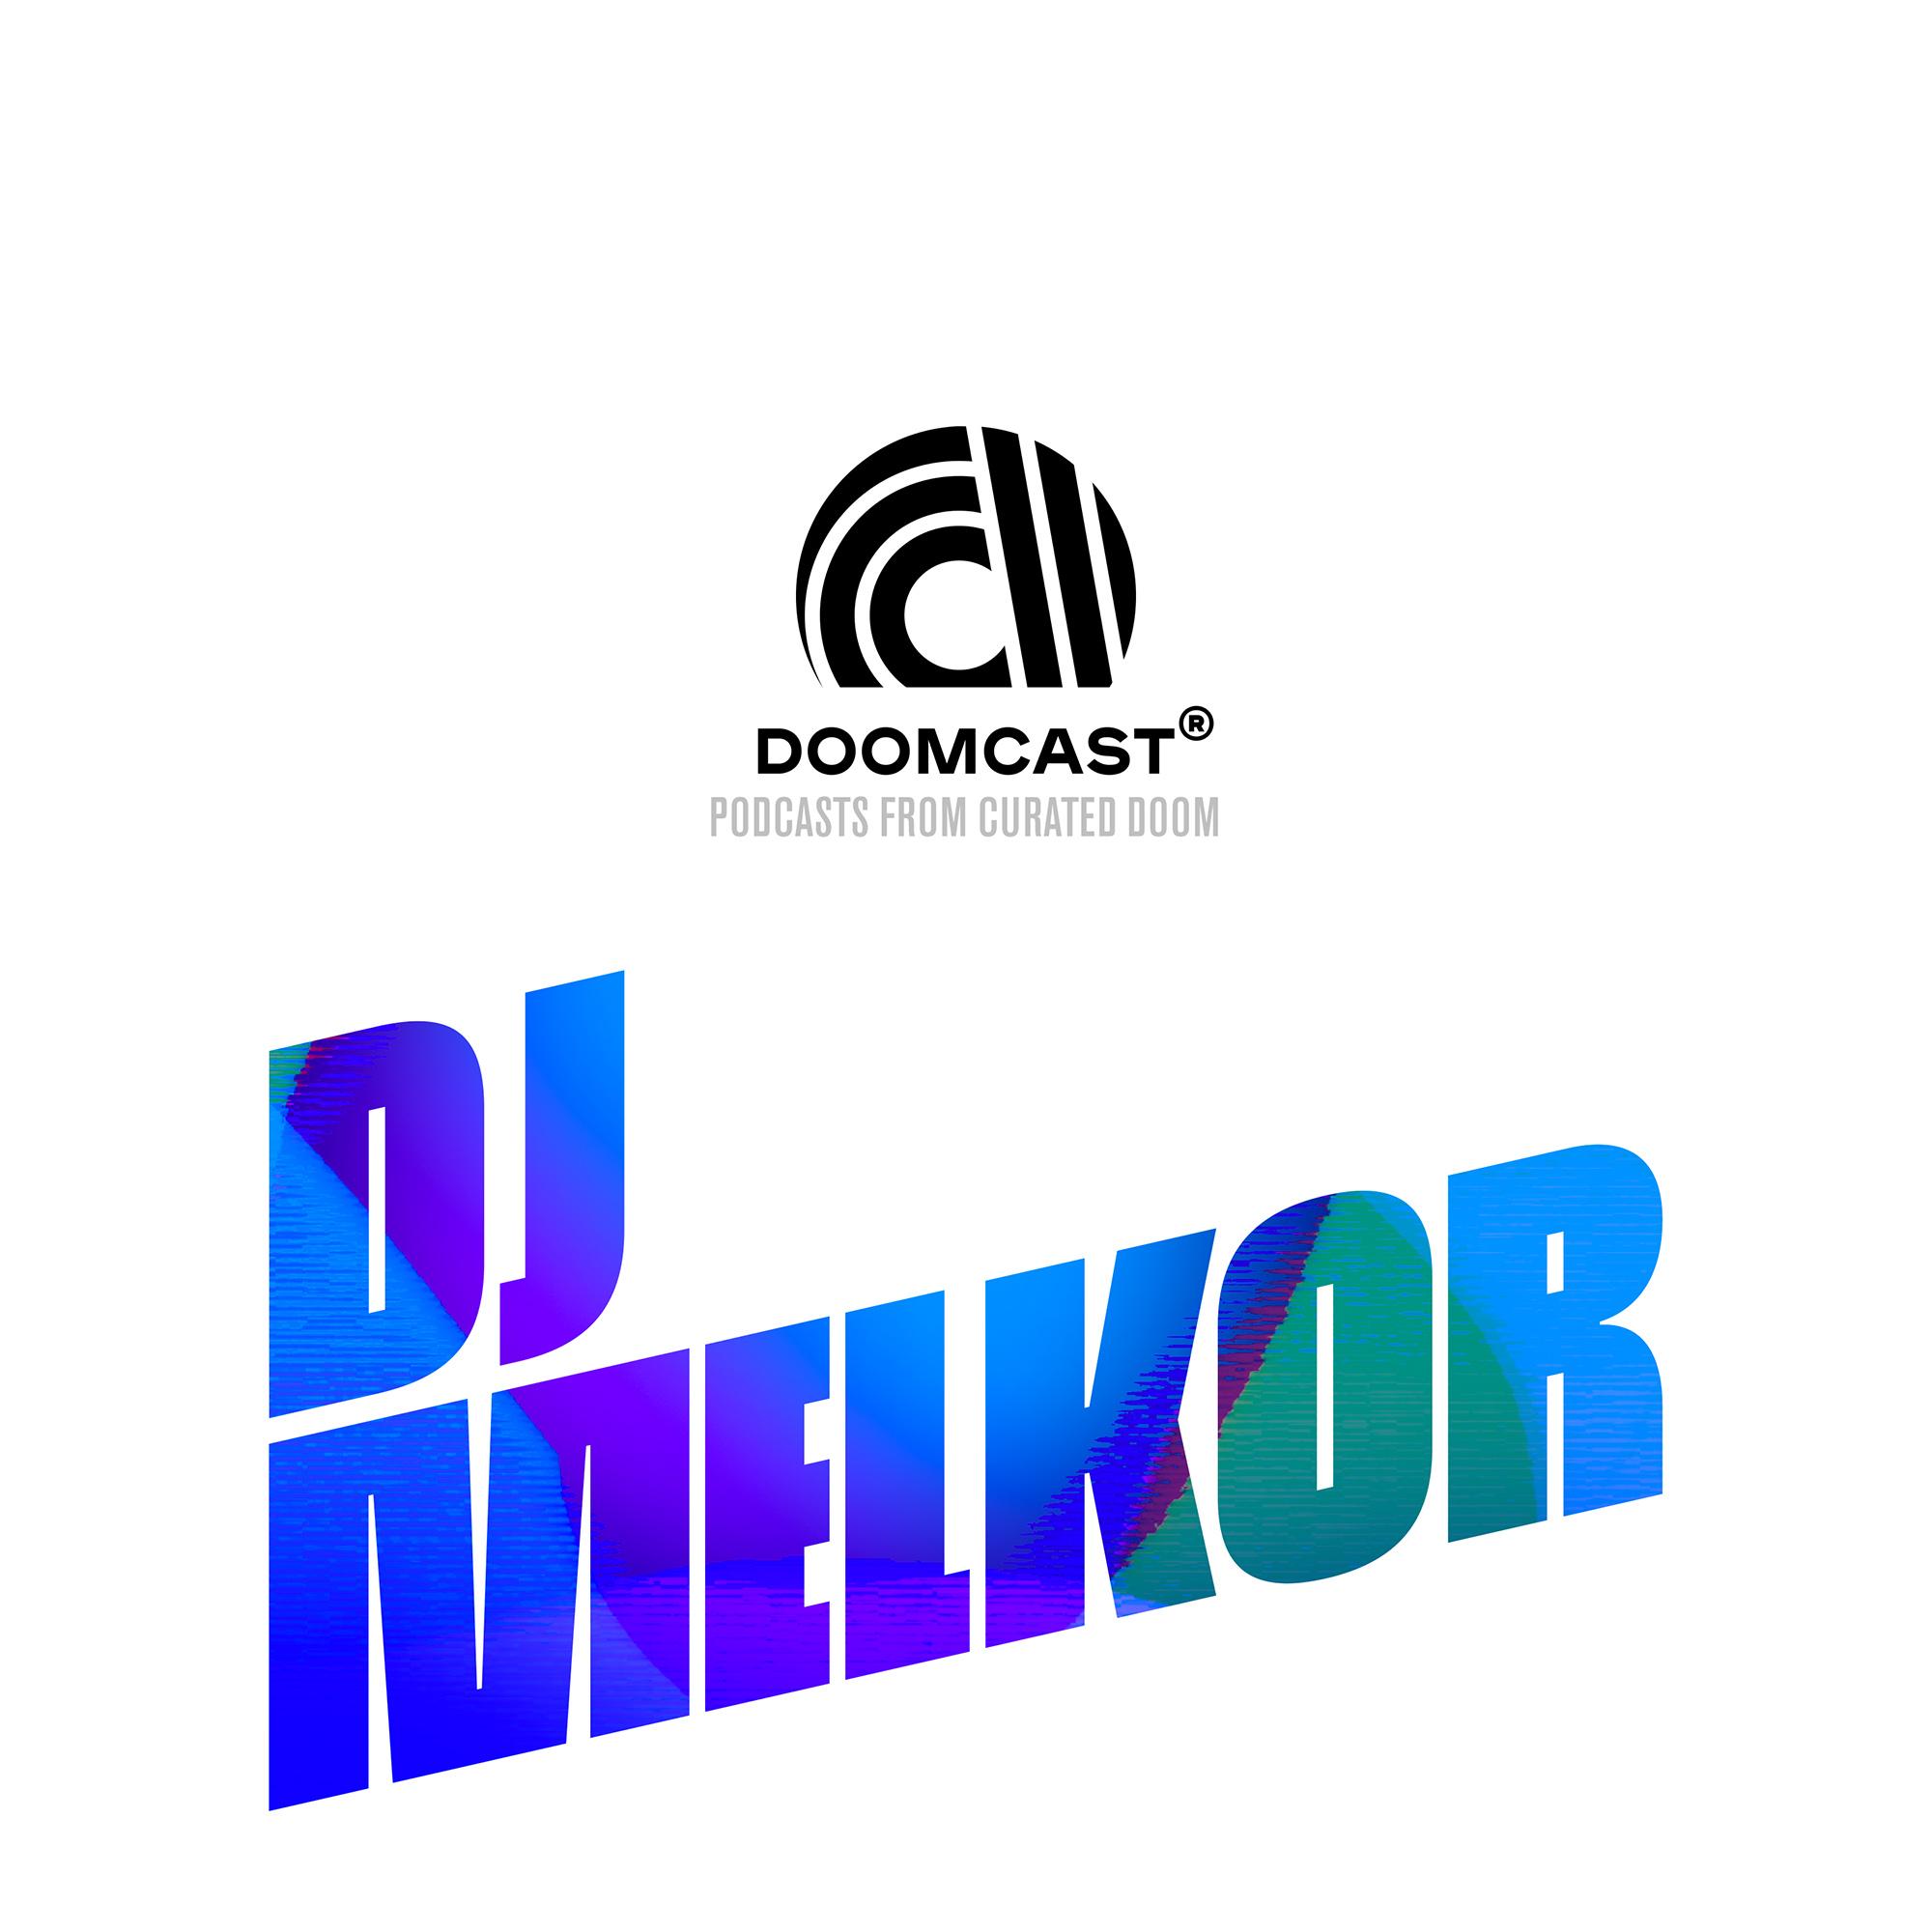 DOOMCAST - DJ MELKOR 2000x2000 v2.jpg